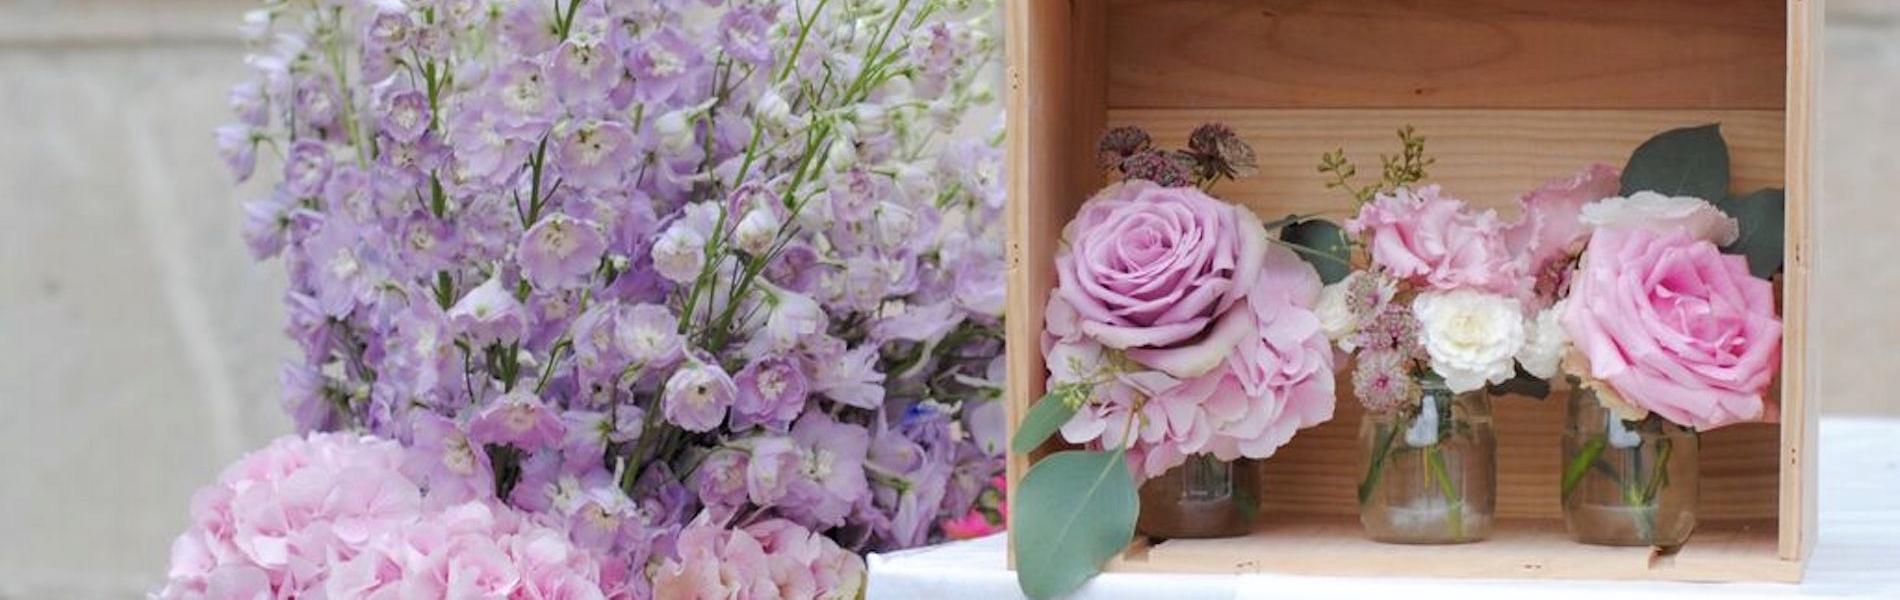 mariage rose et violet